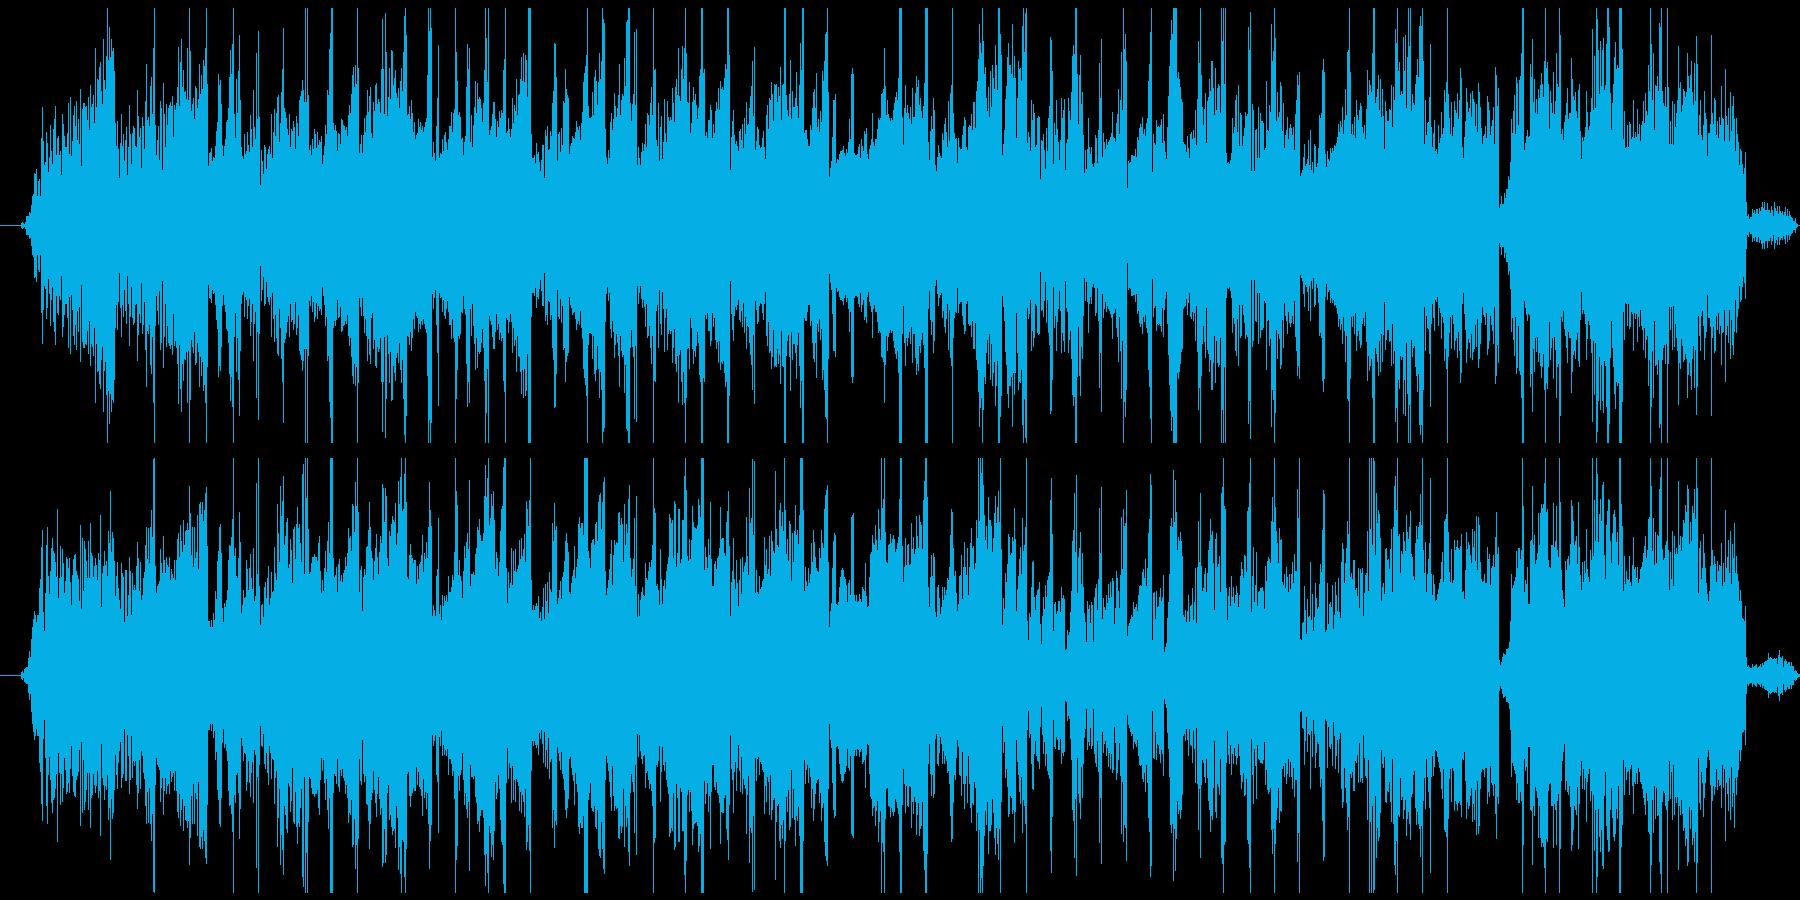 音楽の逆再生を早送り(逆回転巻き戻し)の再生済みの波形